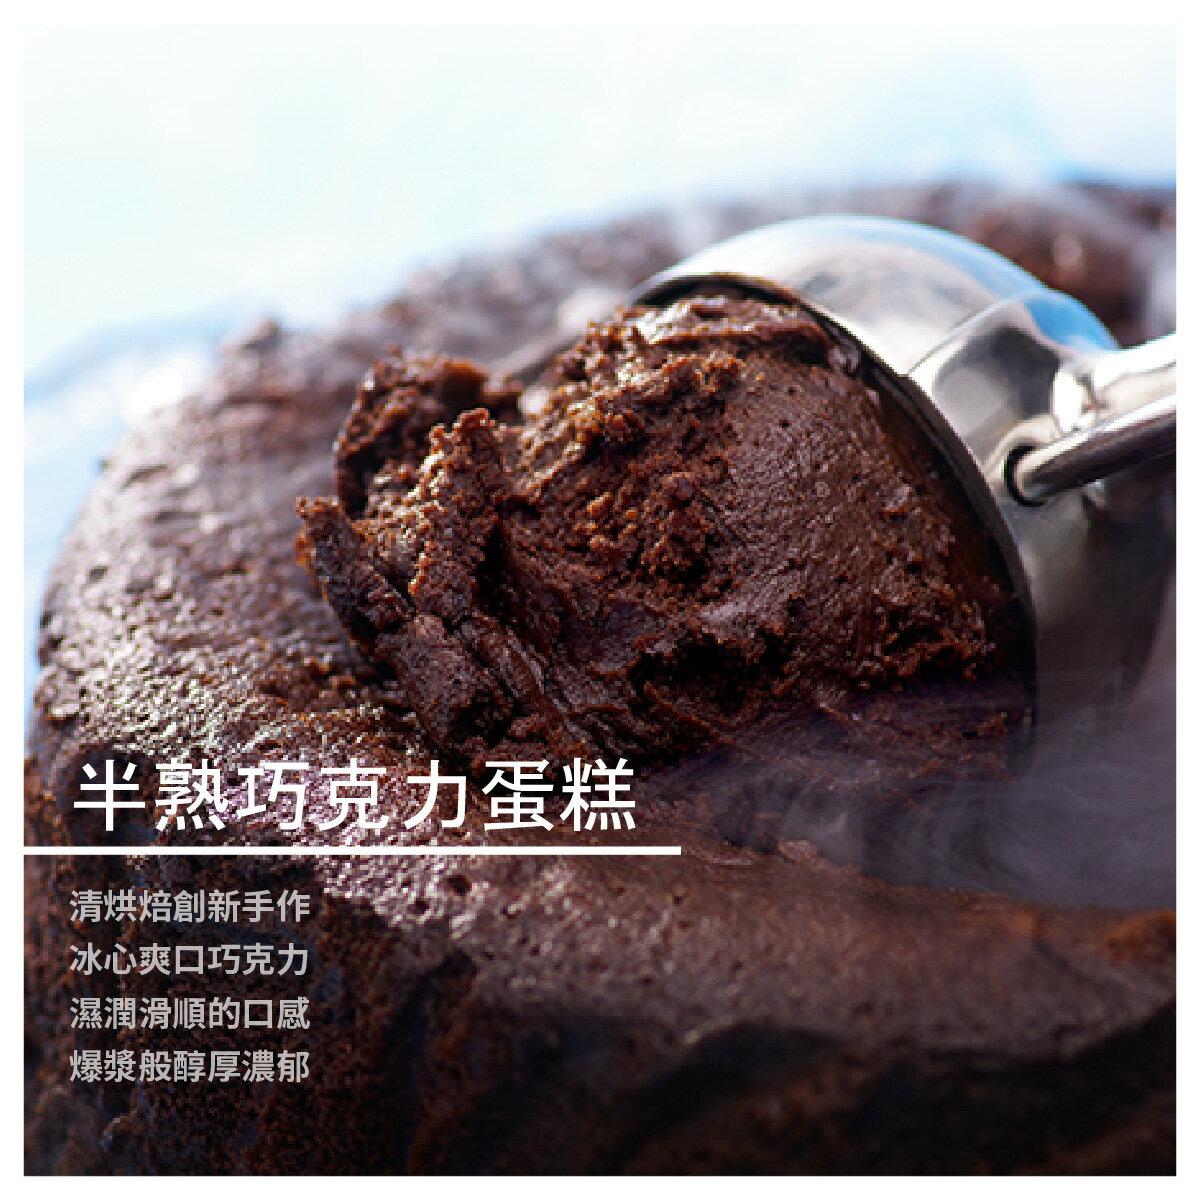 【達克闇黑工場】半熟巧克力蛋糕/7吋/3款熟成